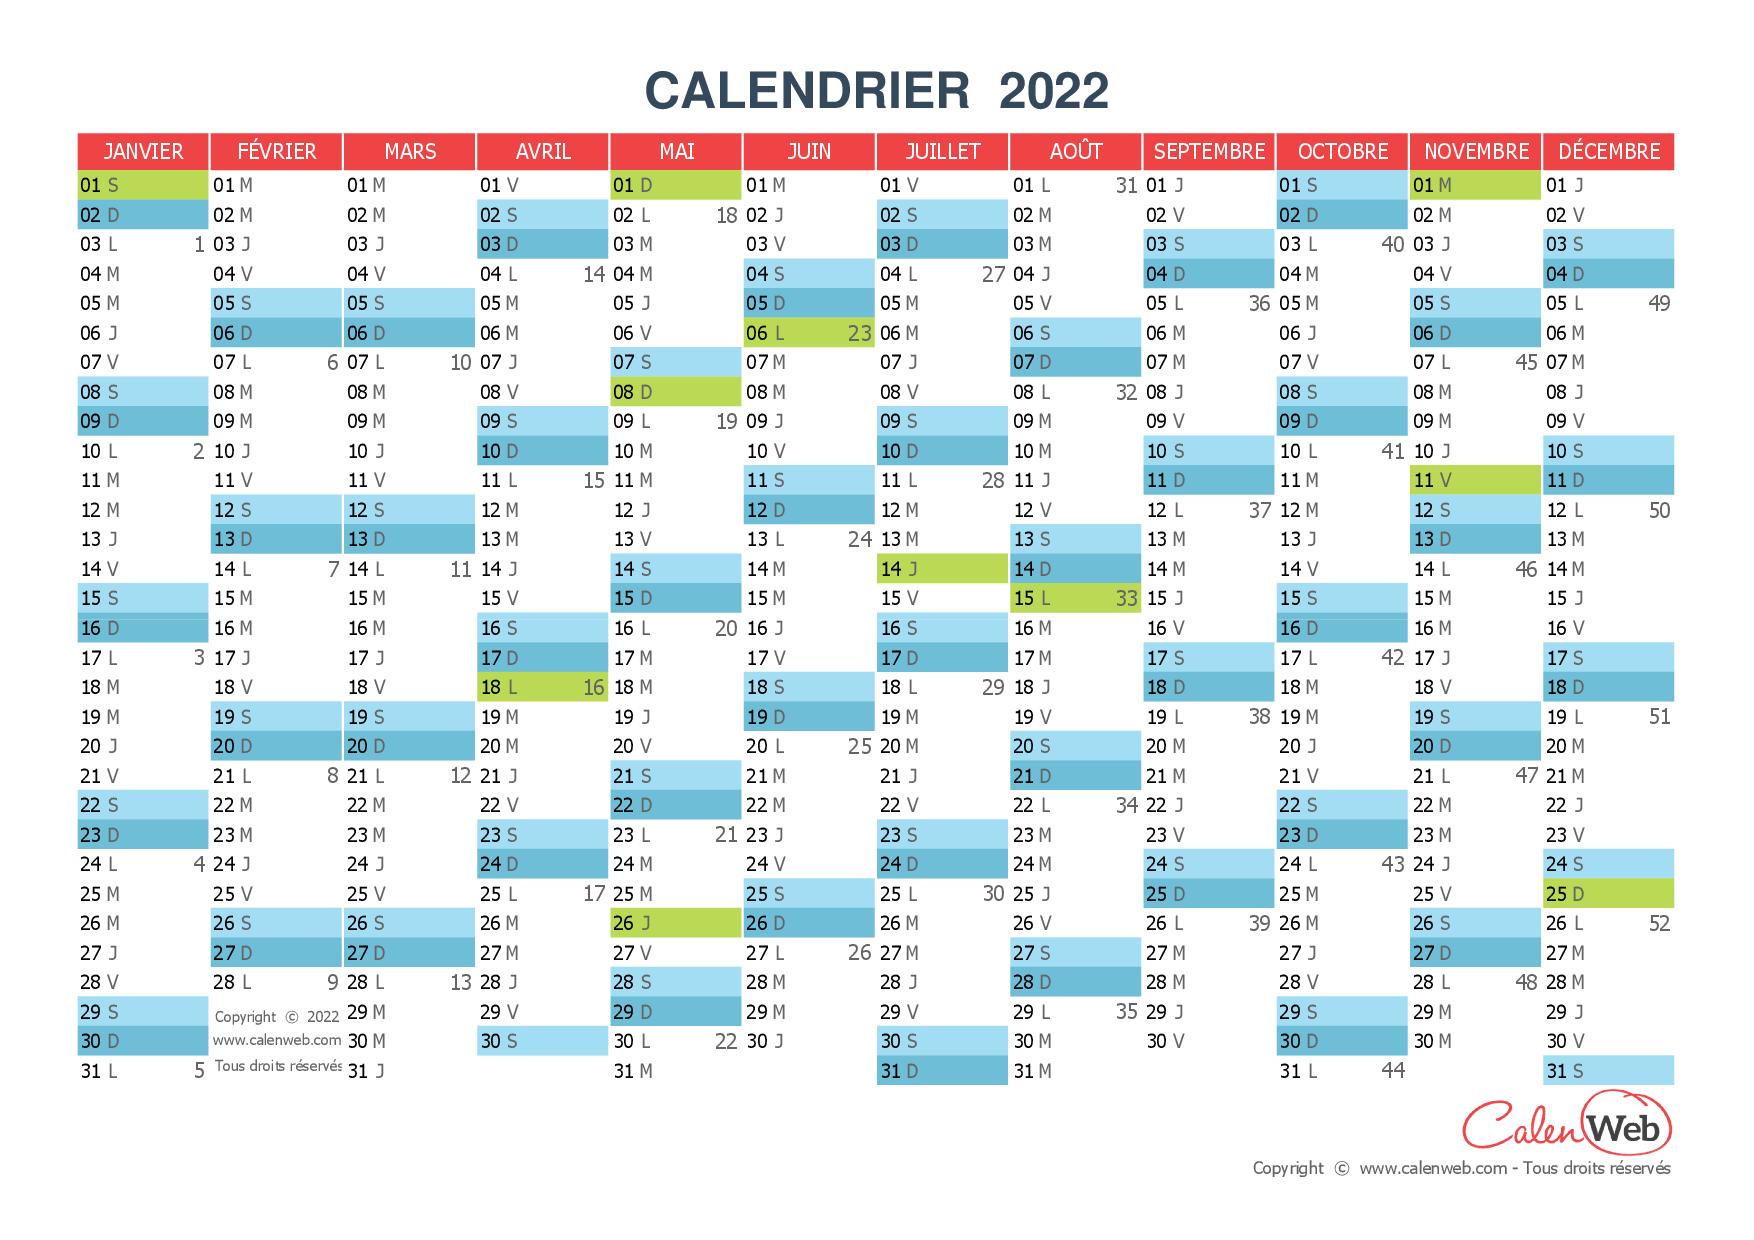 Calendrier Jour Fériés 2022 Calendrier annuel   Année 2022 avec jours fériés   Calenweb.com